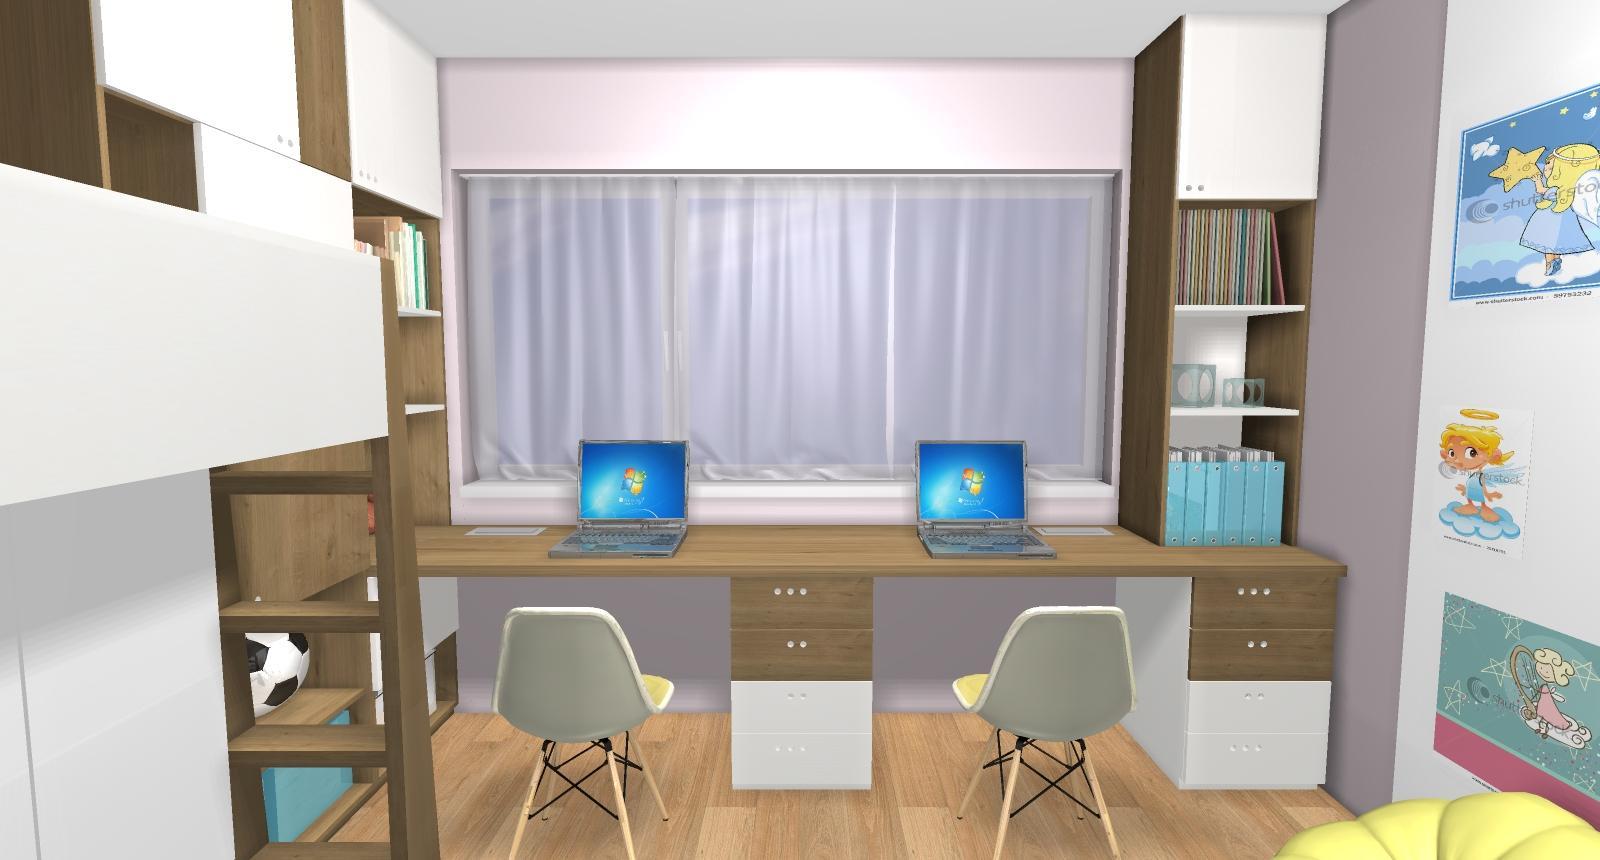 Grafické návrhy interiér 2019 - Grafický návrh detskej izby pre dve dievčatká - verzia 2 - obr.8